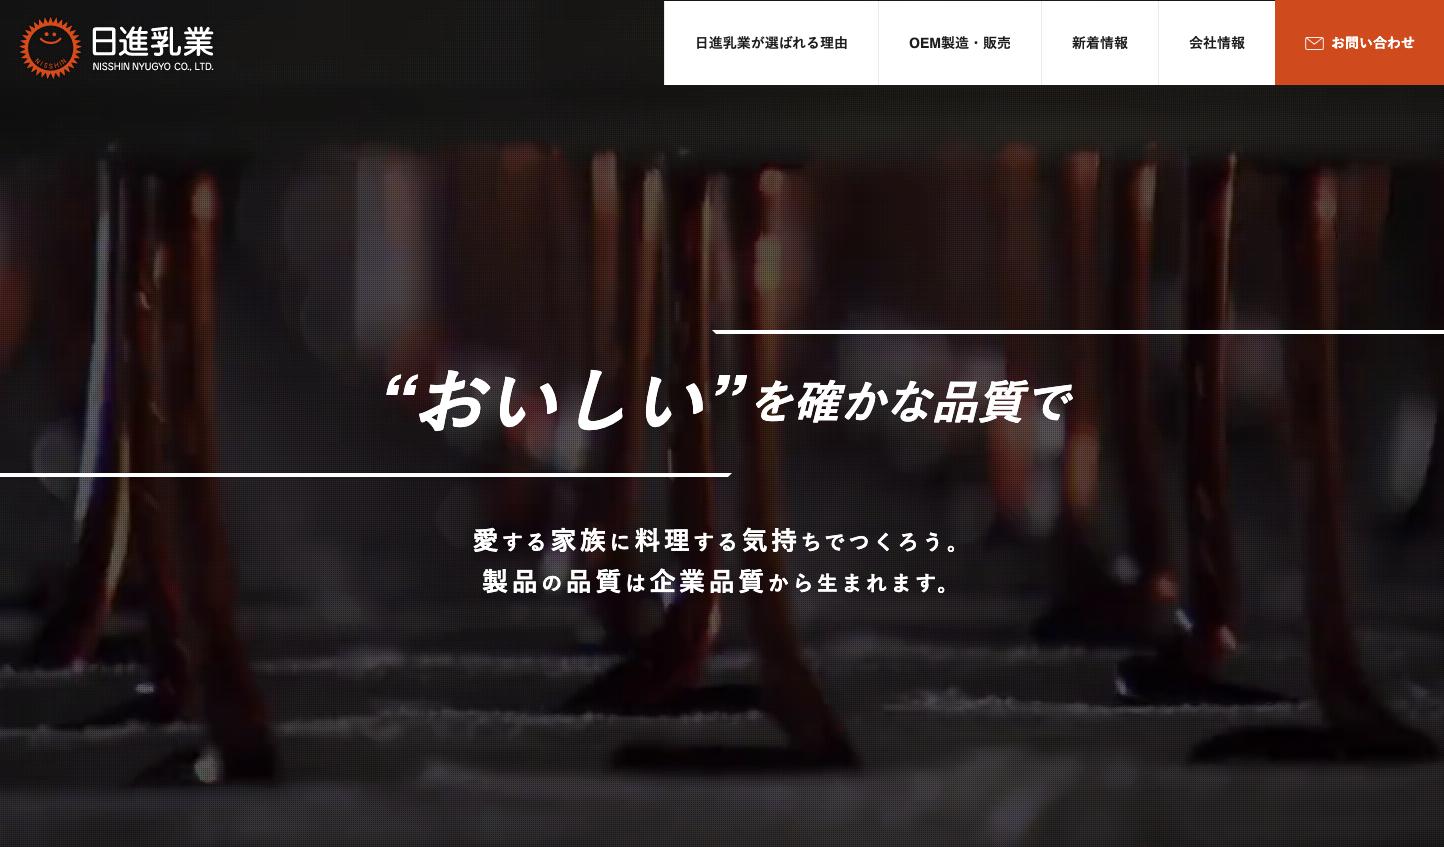 日進乳業 企業サイト